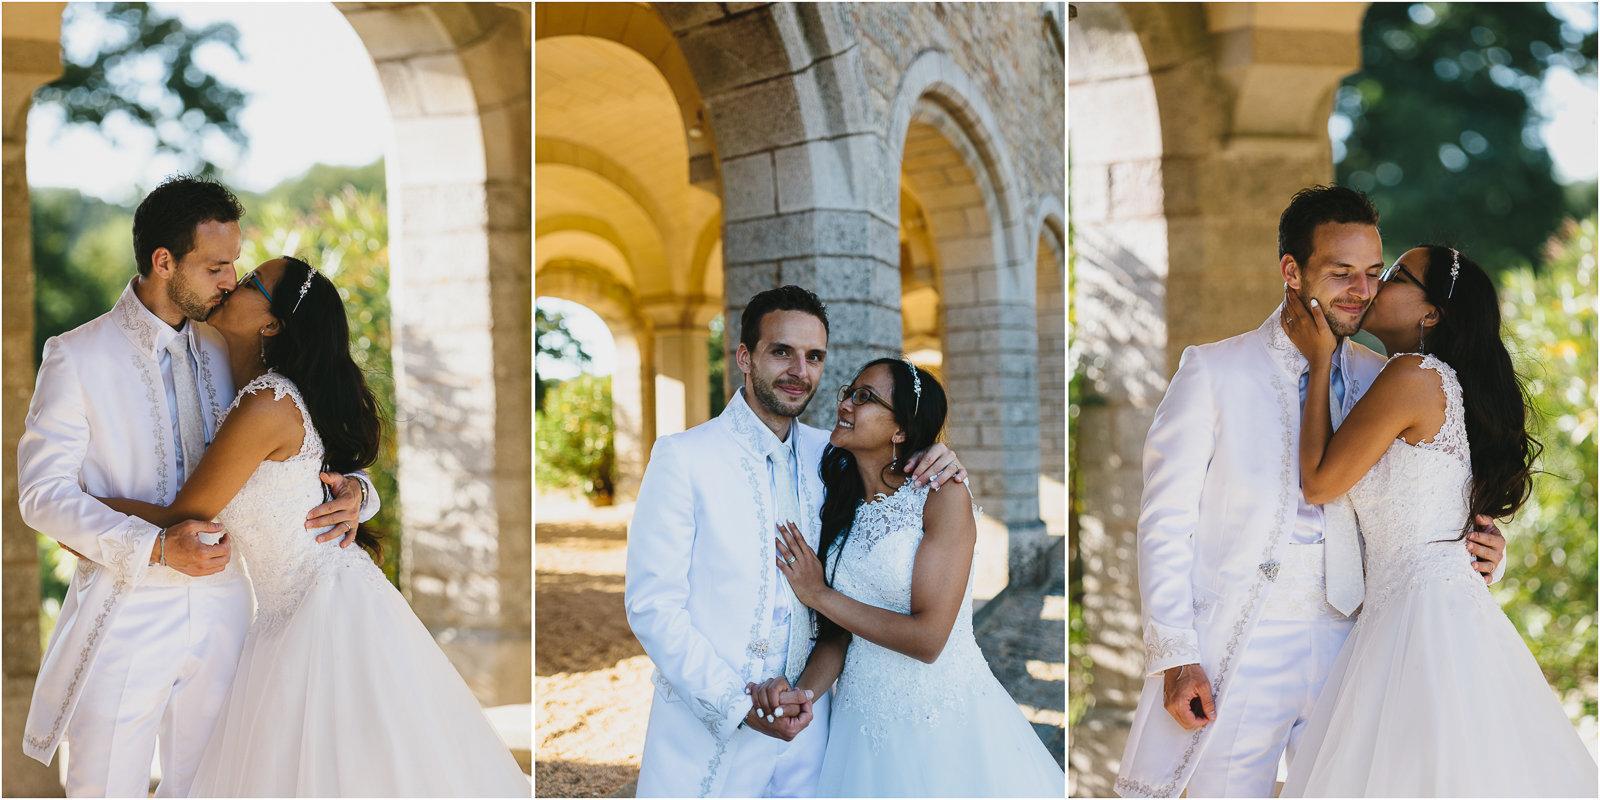 Photographe mariage la baule (12 of 12).jpg